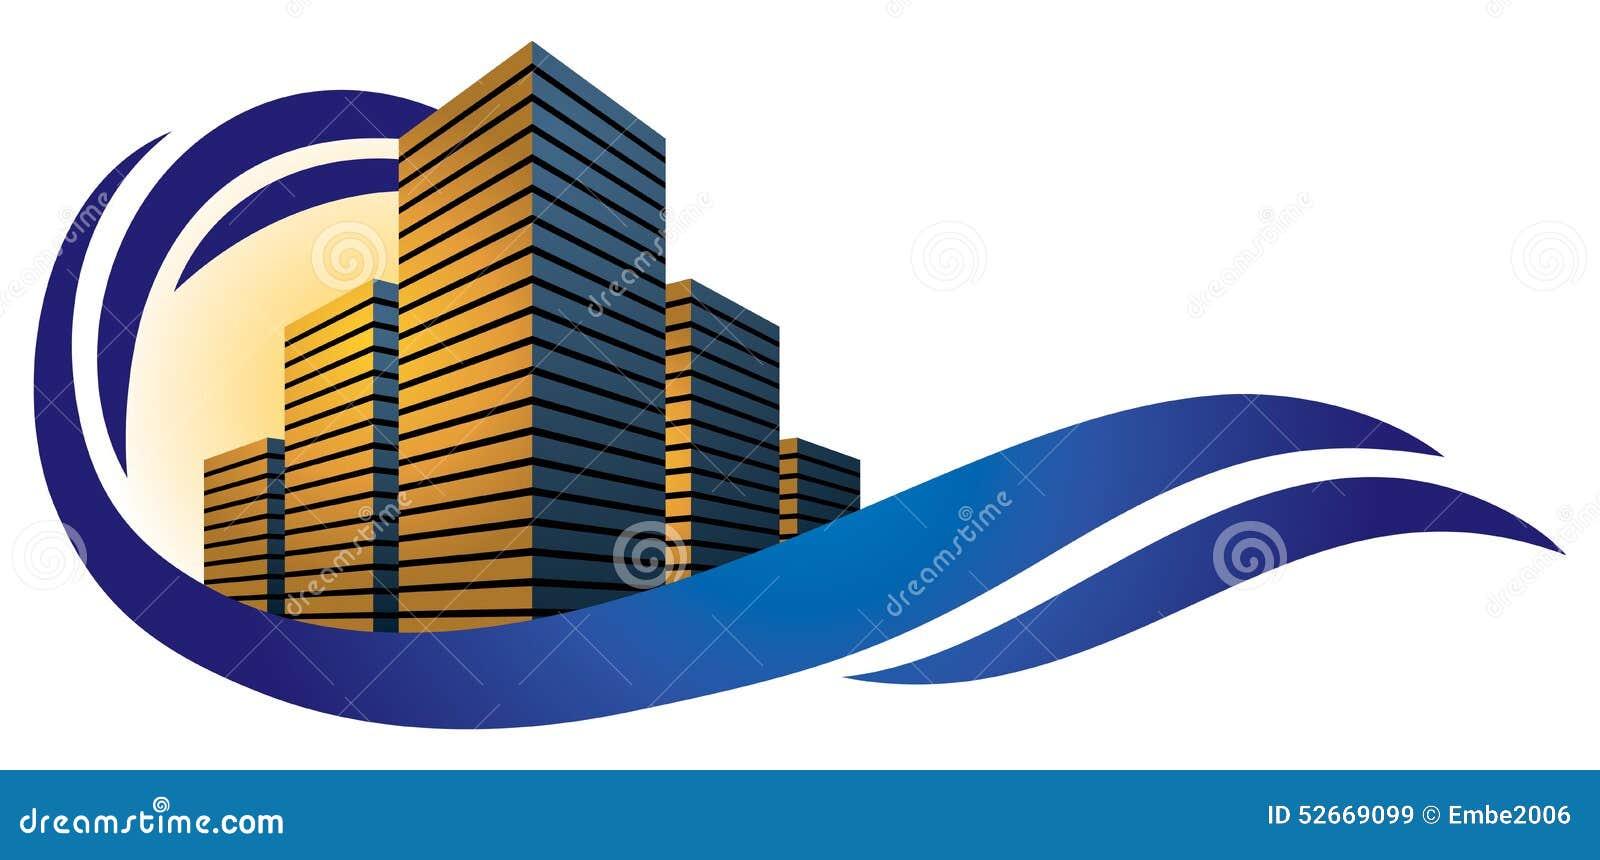 Exceptionnel Logo de ville de bâtiment illustration de vecteur. Illustration du  YX26